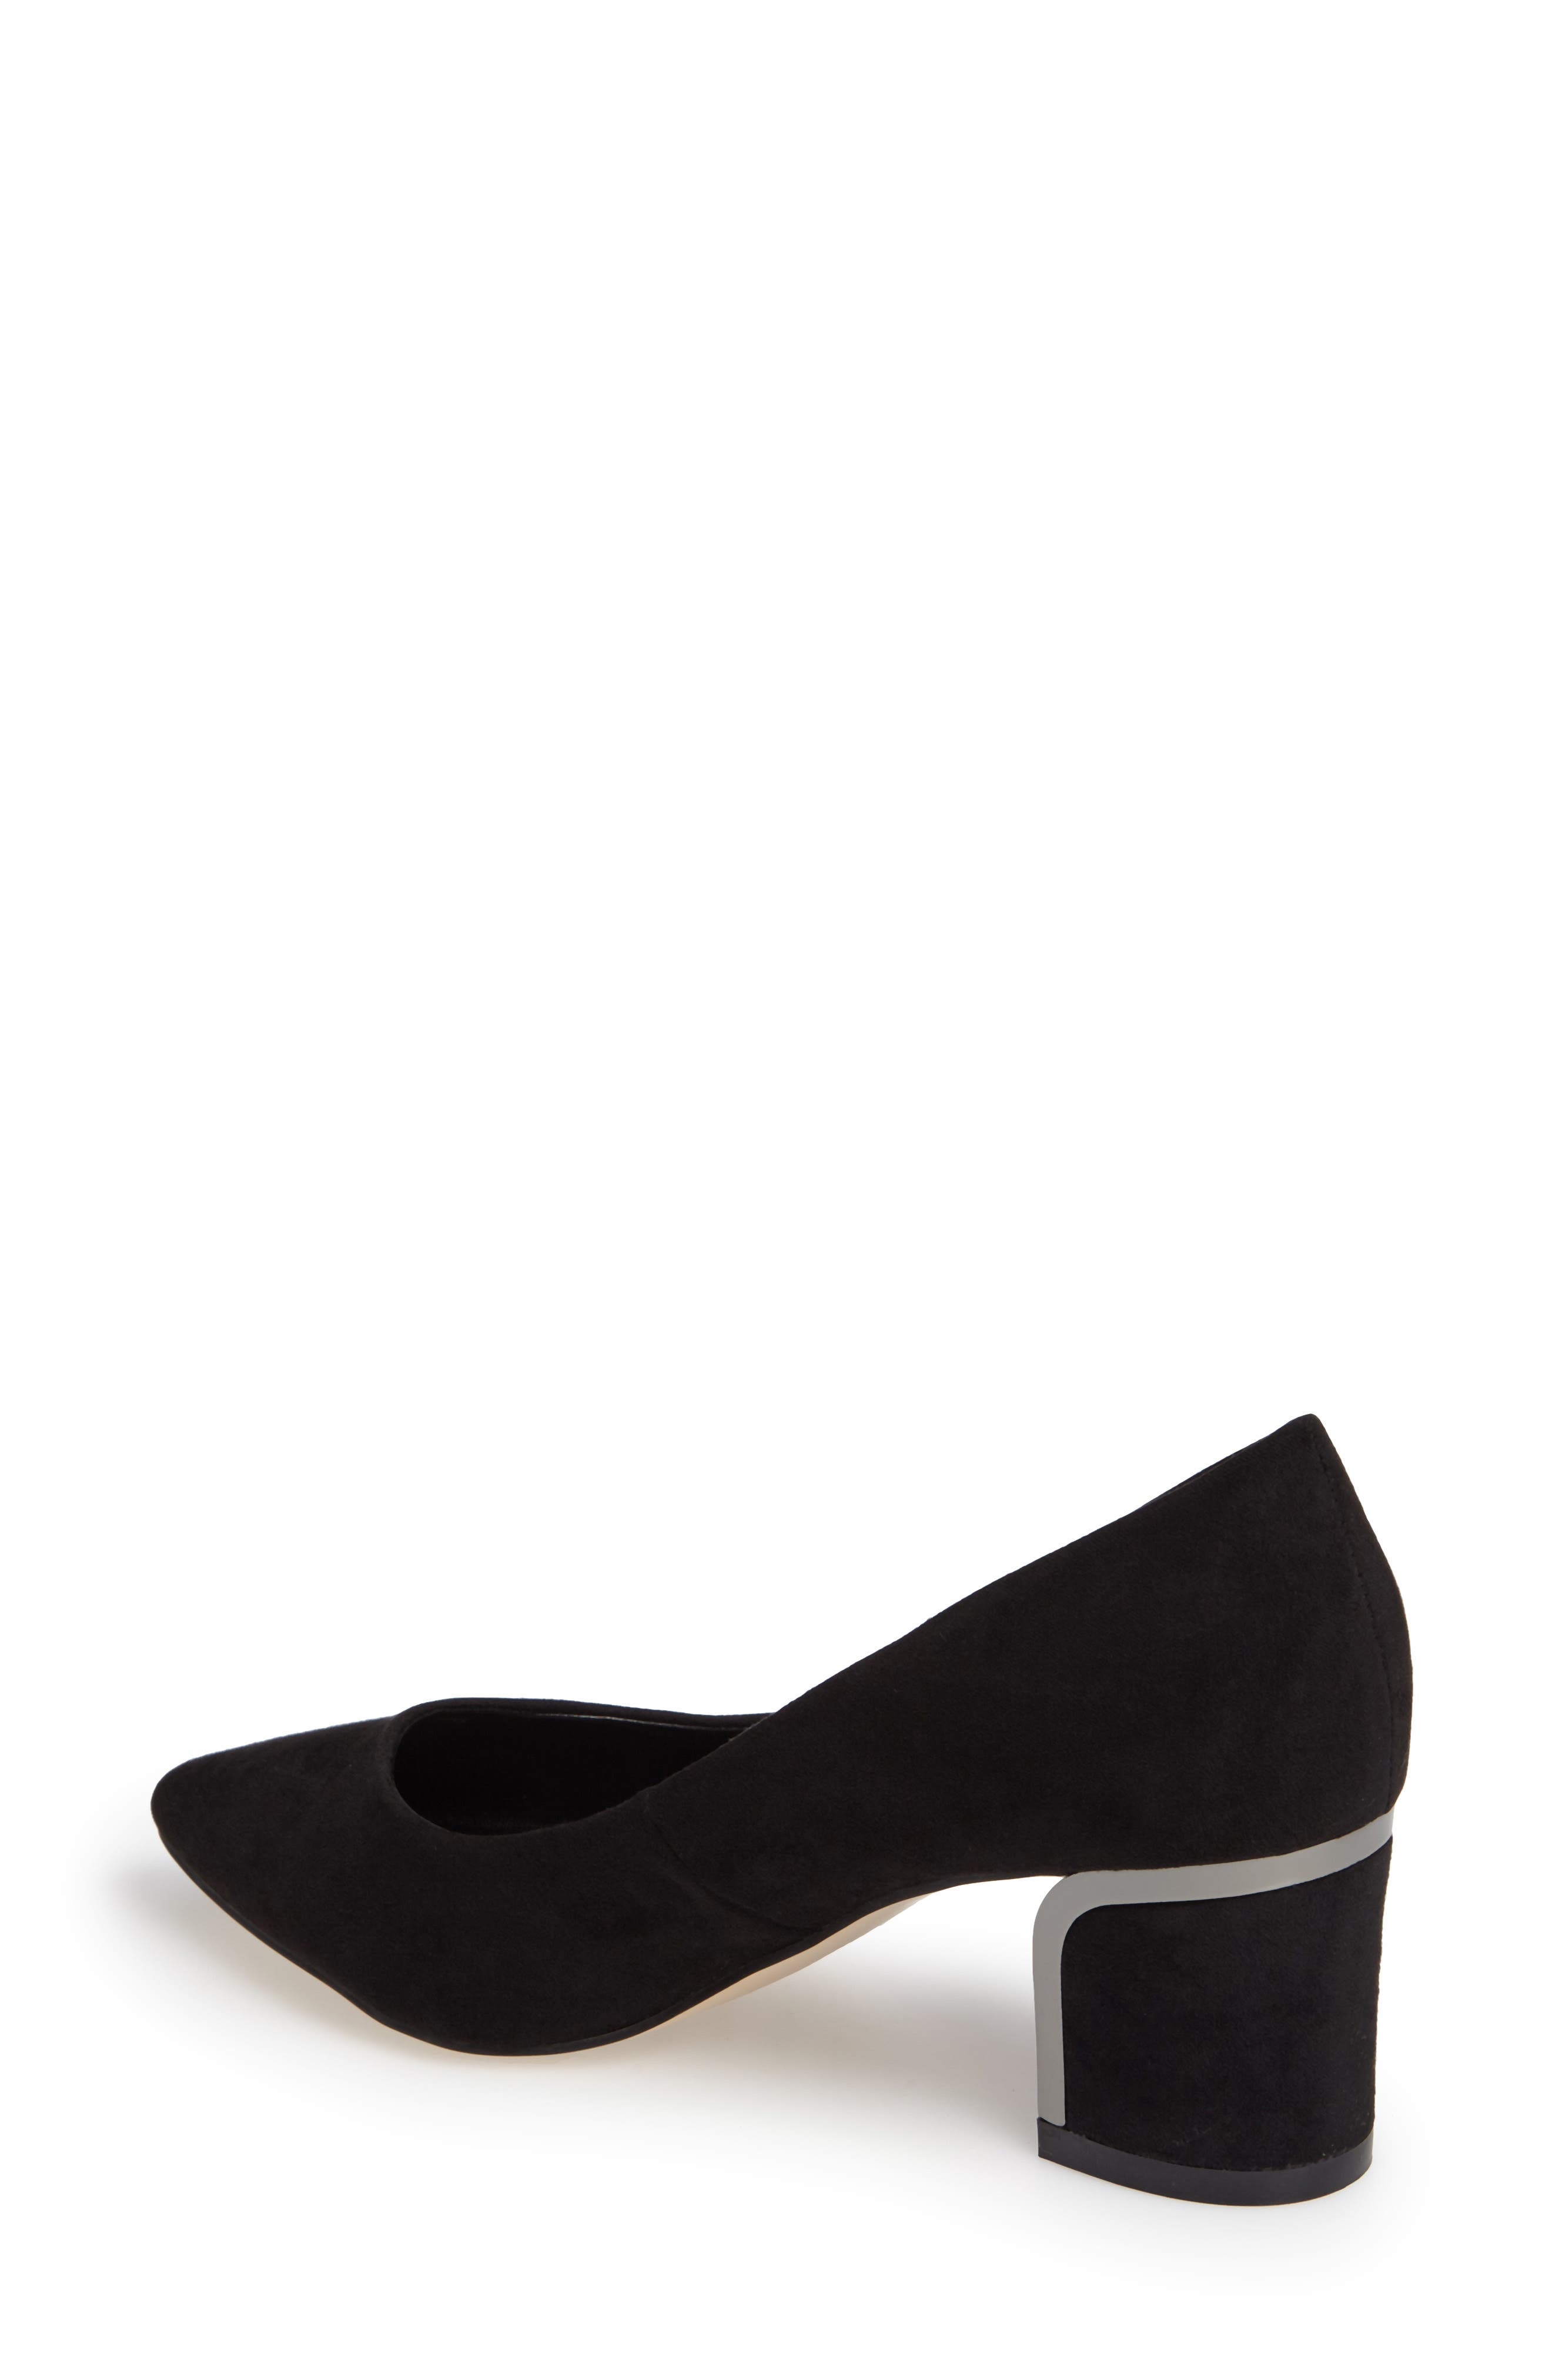 Zabel Embellished Block Heel Pump,                             Alternate thumbnail 2, color,                             Black Faux Suede